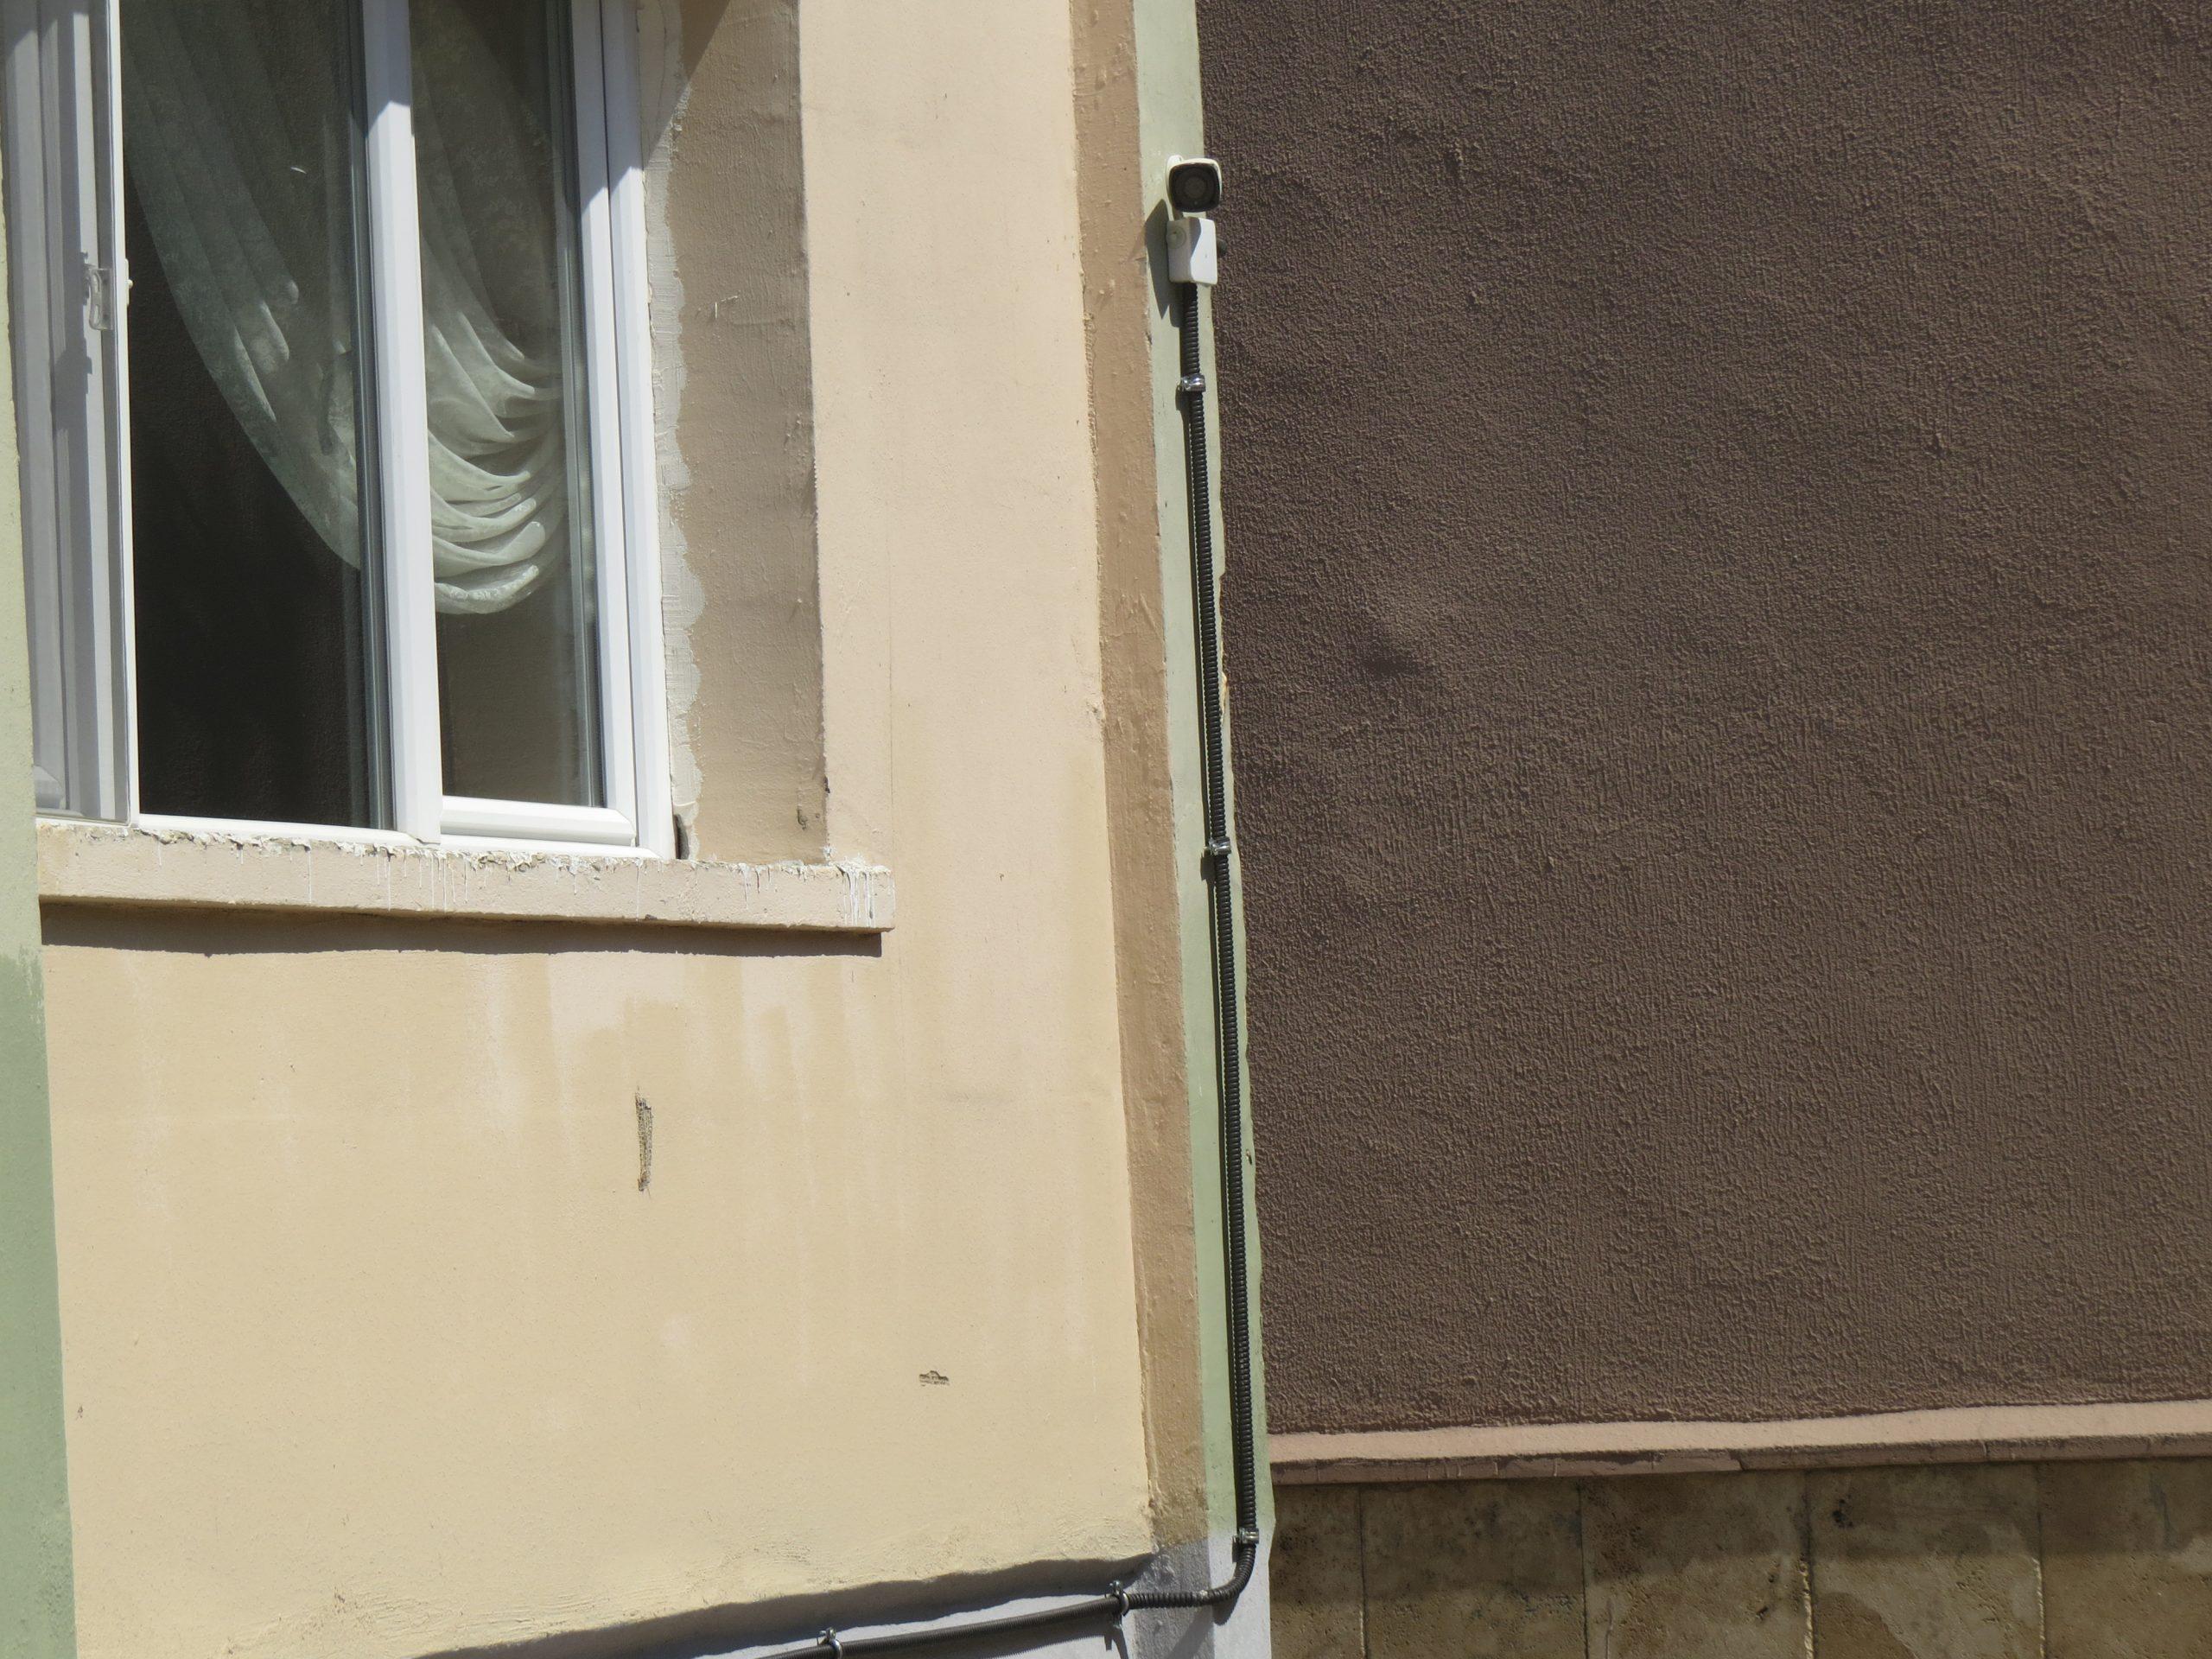 Bina Çevresi Güvenlik Kamerası IMG 5103 scaled